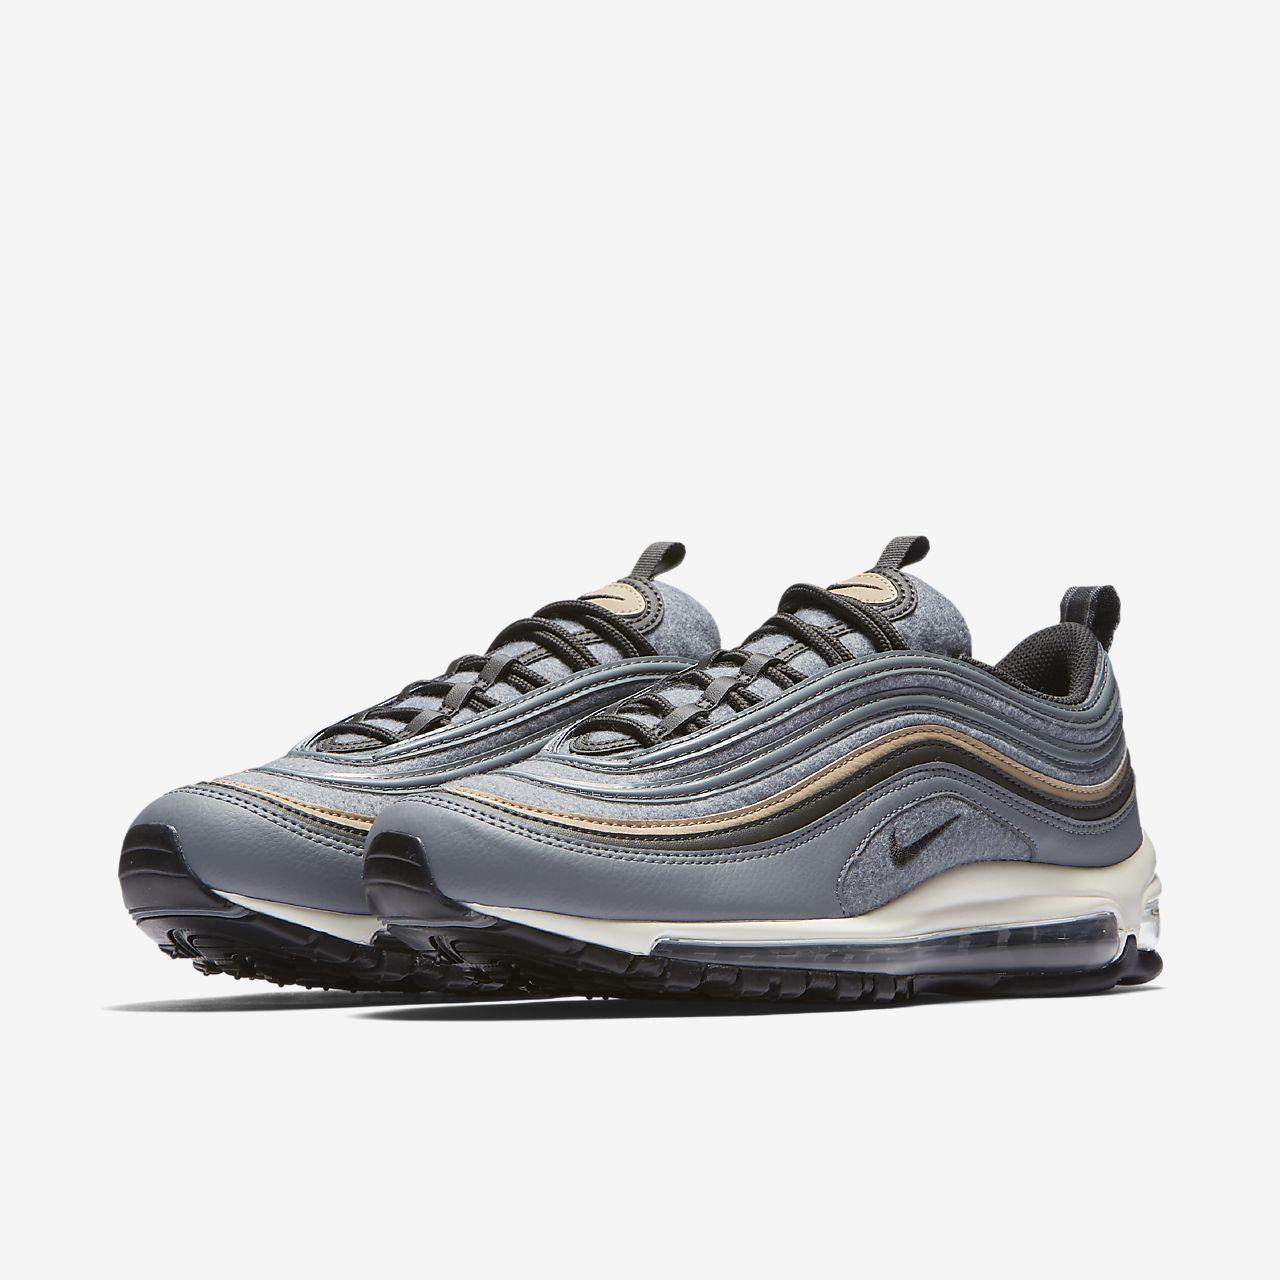 Cheap Nike Air Max 97 Premium Men's schoen. Cheap Nike ID